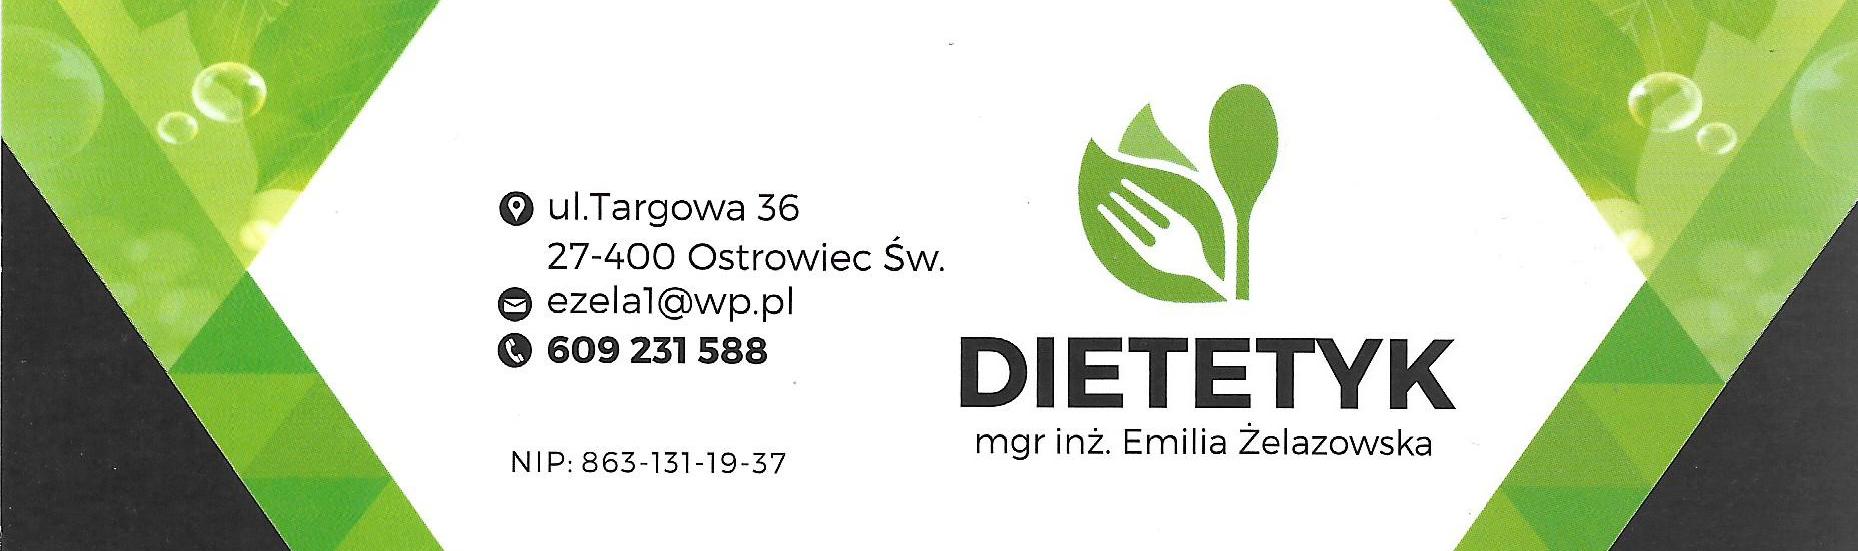 Reklama Dietetyk mgr inż. Emilia Żelazowska